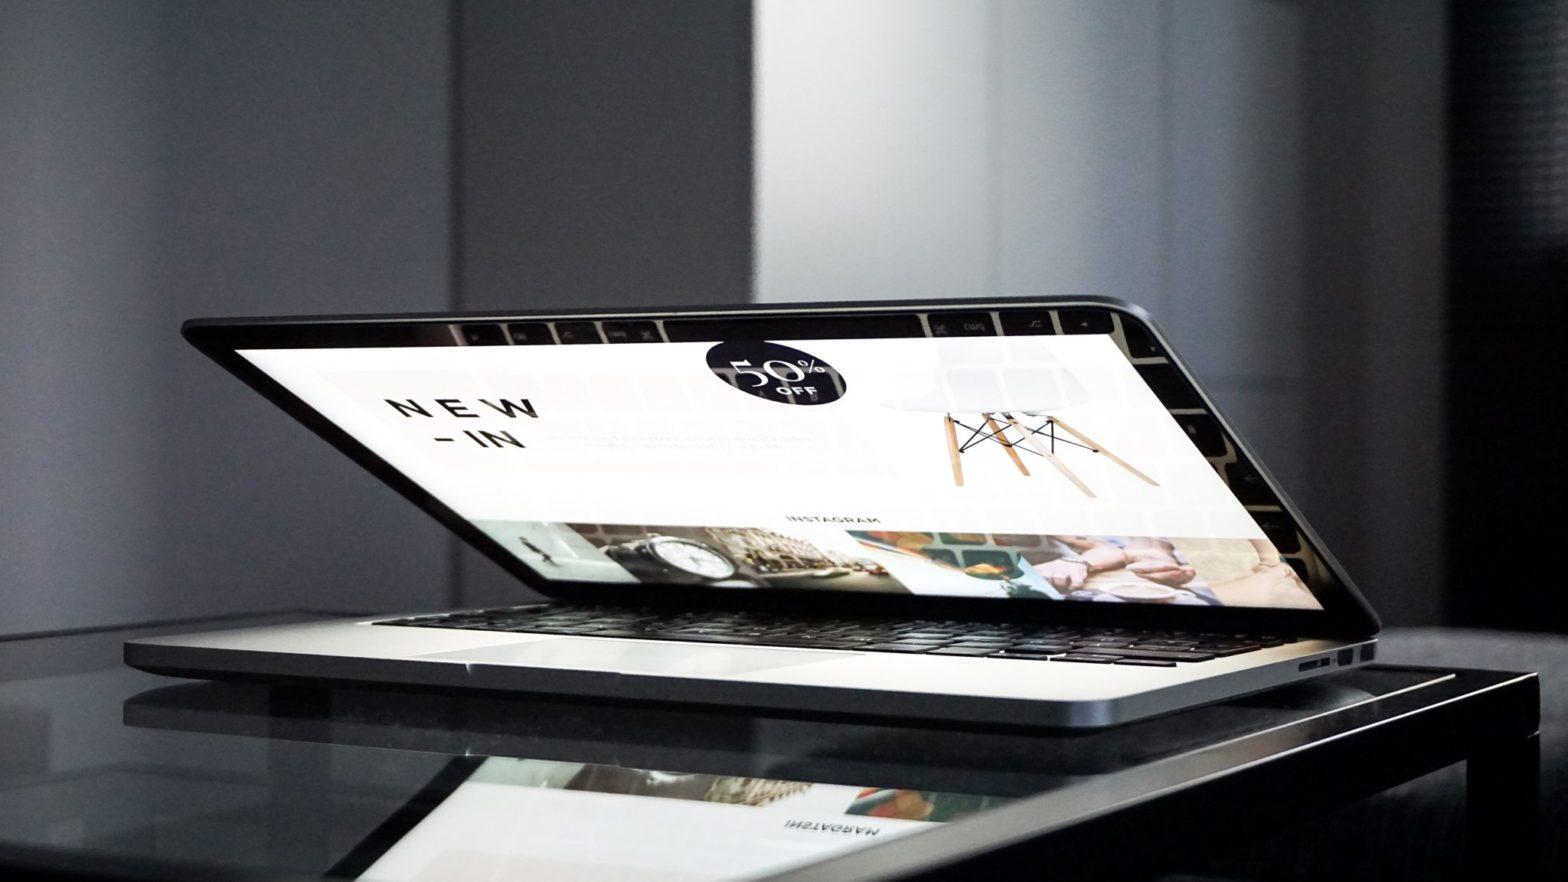 laptop-lid-half-closed-on-table